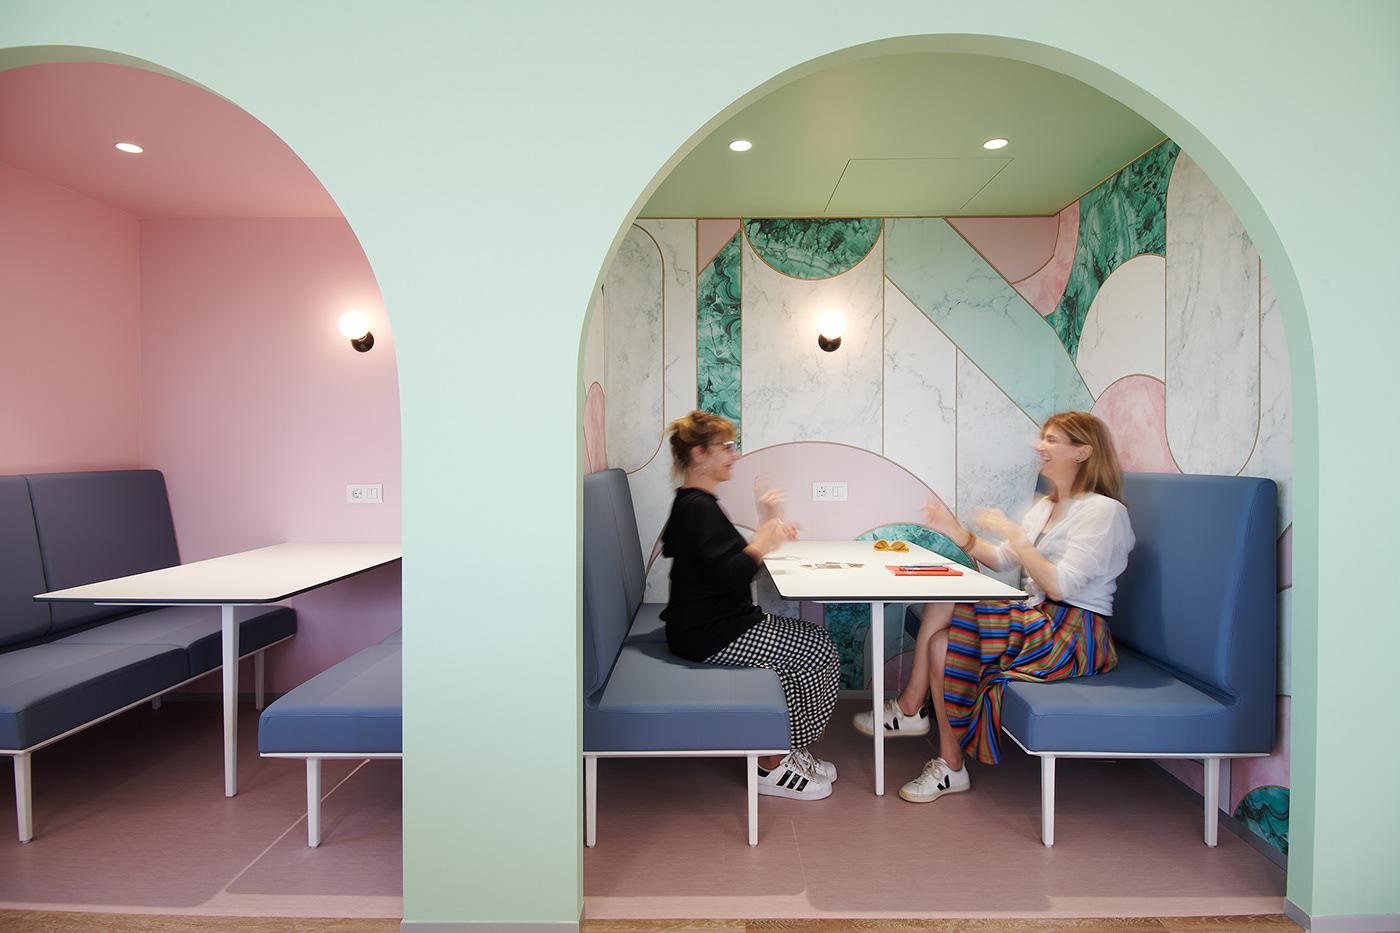 diseño espacios Oficinas shhh silence room